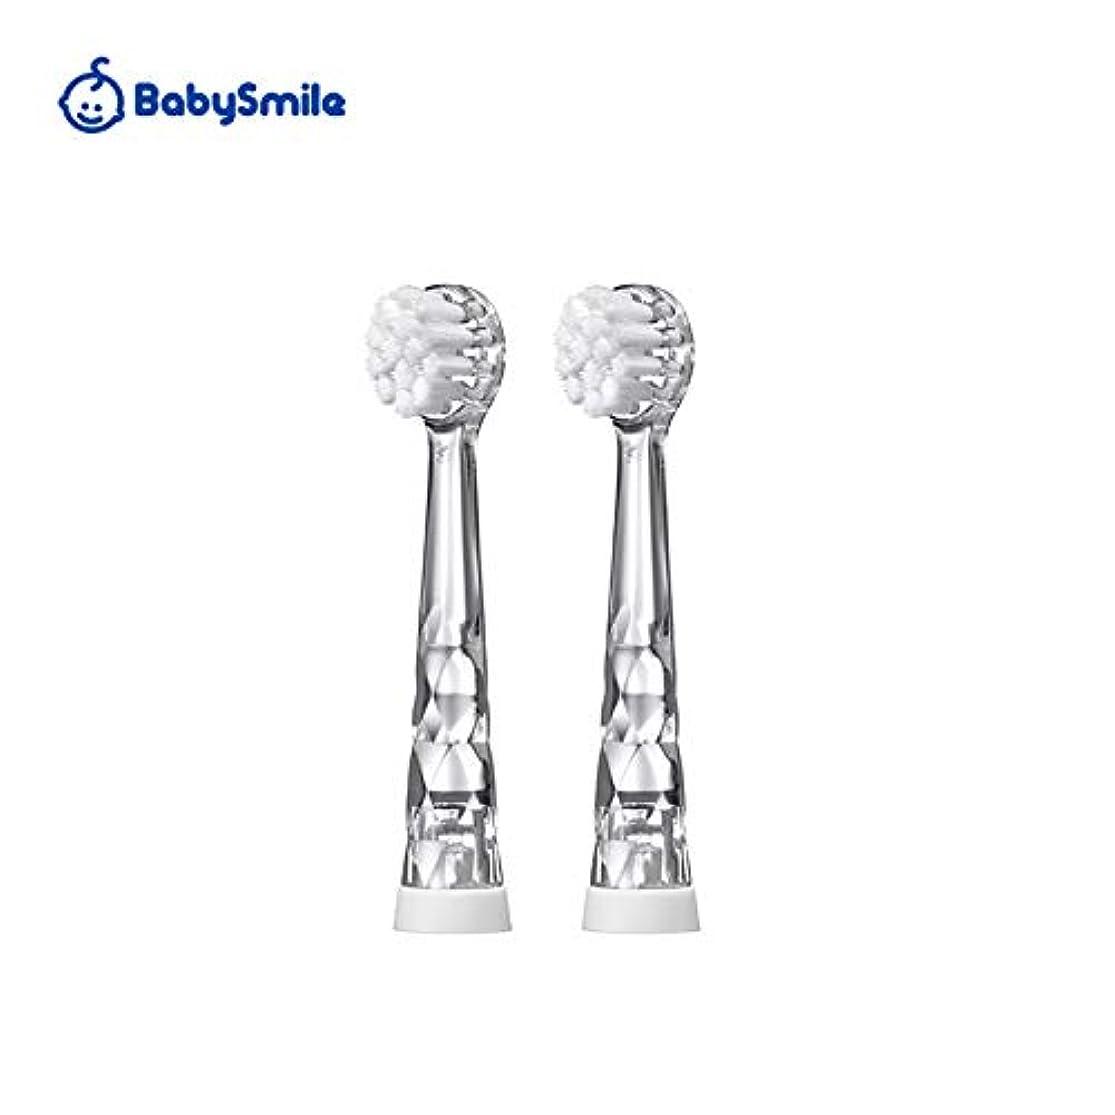 収まるうめき声連続したこども用電動歯ブラシ ベビースマイルレインボー替えブラシ(ソフト) S-204RB